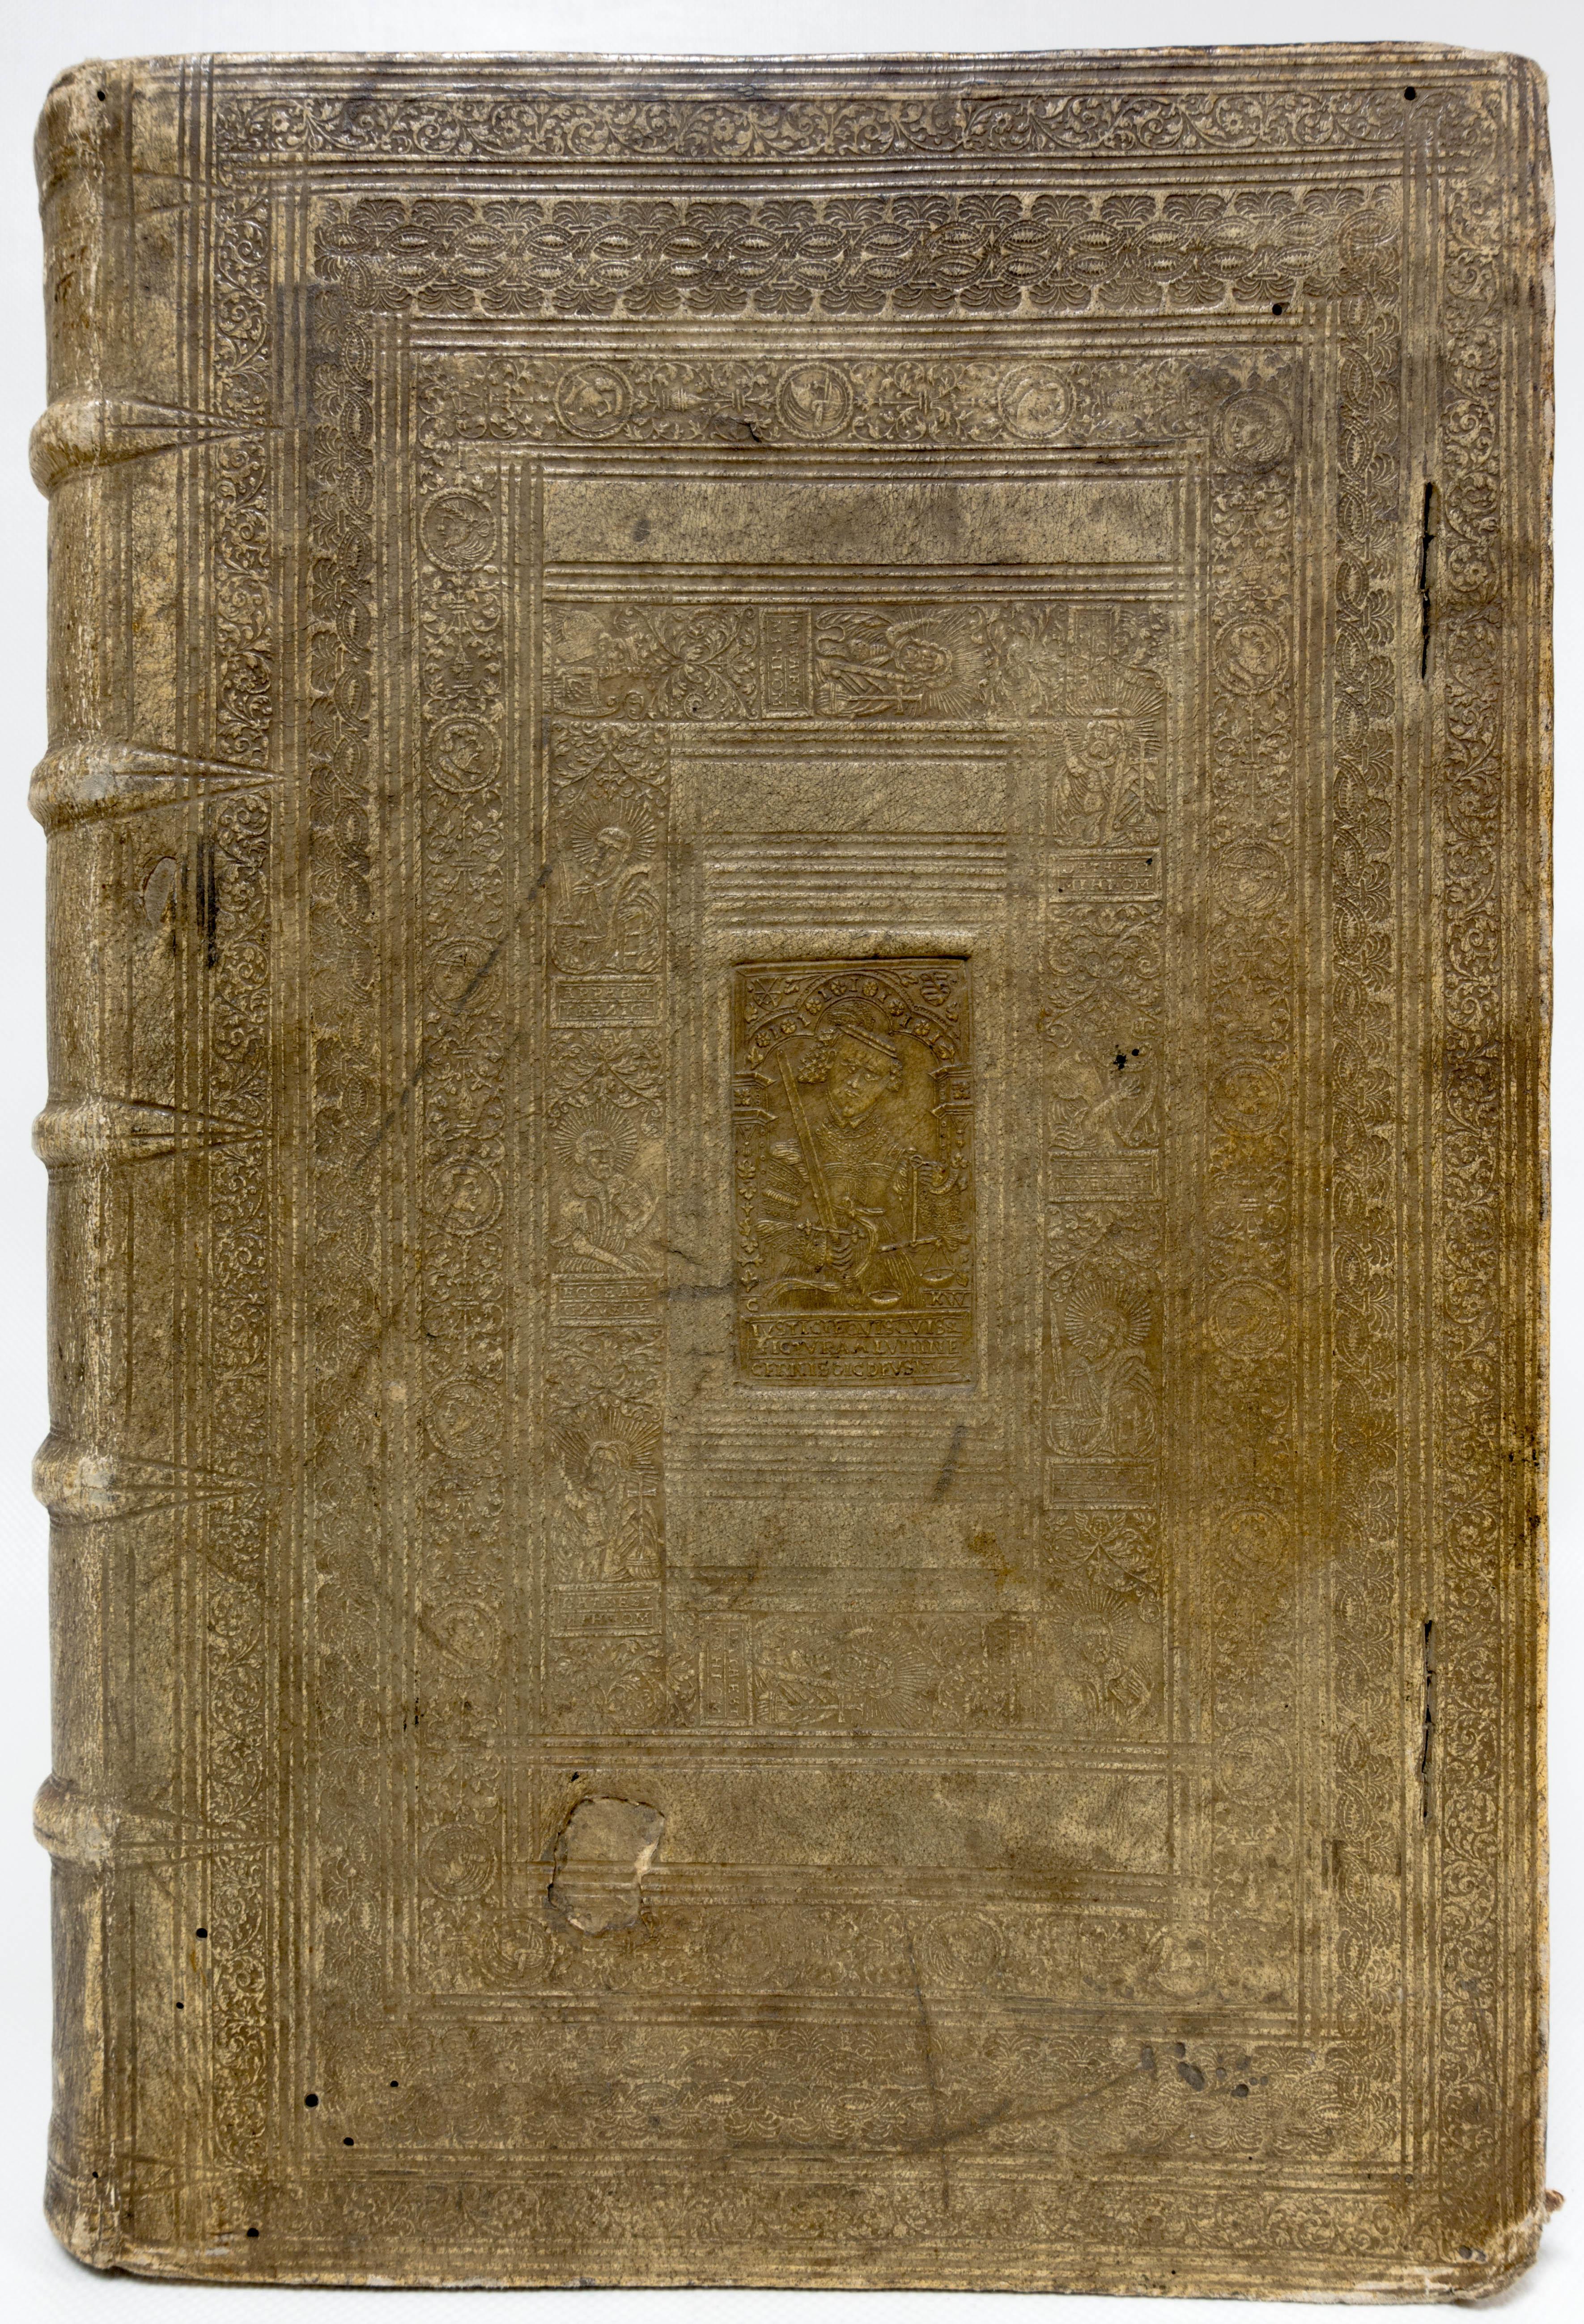 D. Andreae Alciati mediolanensis ivrecos